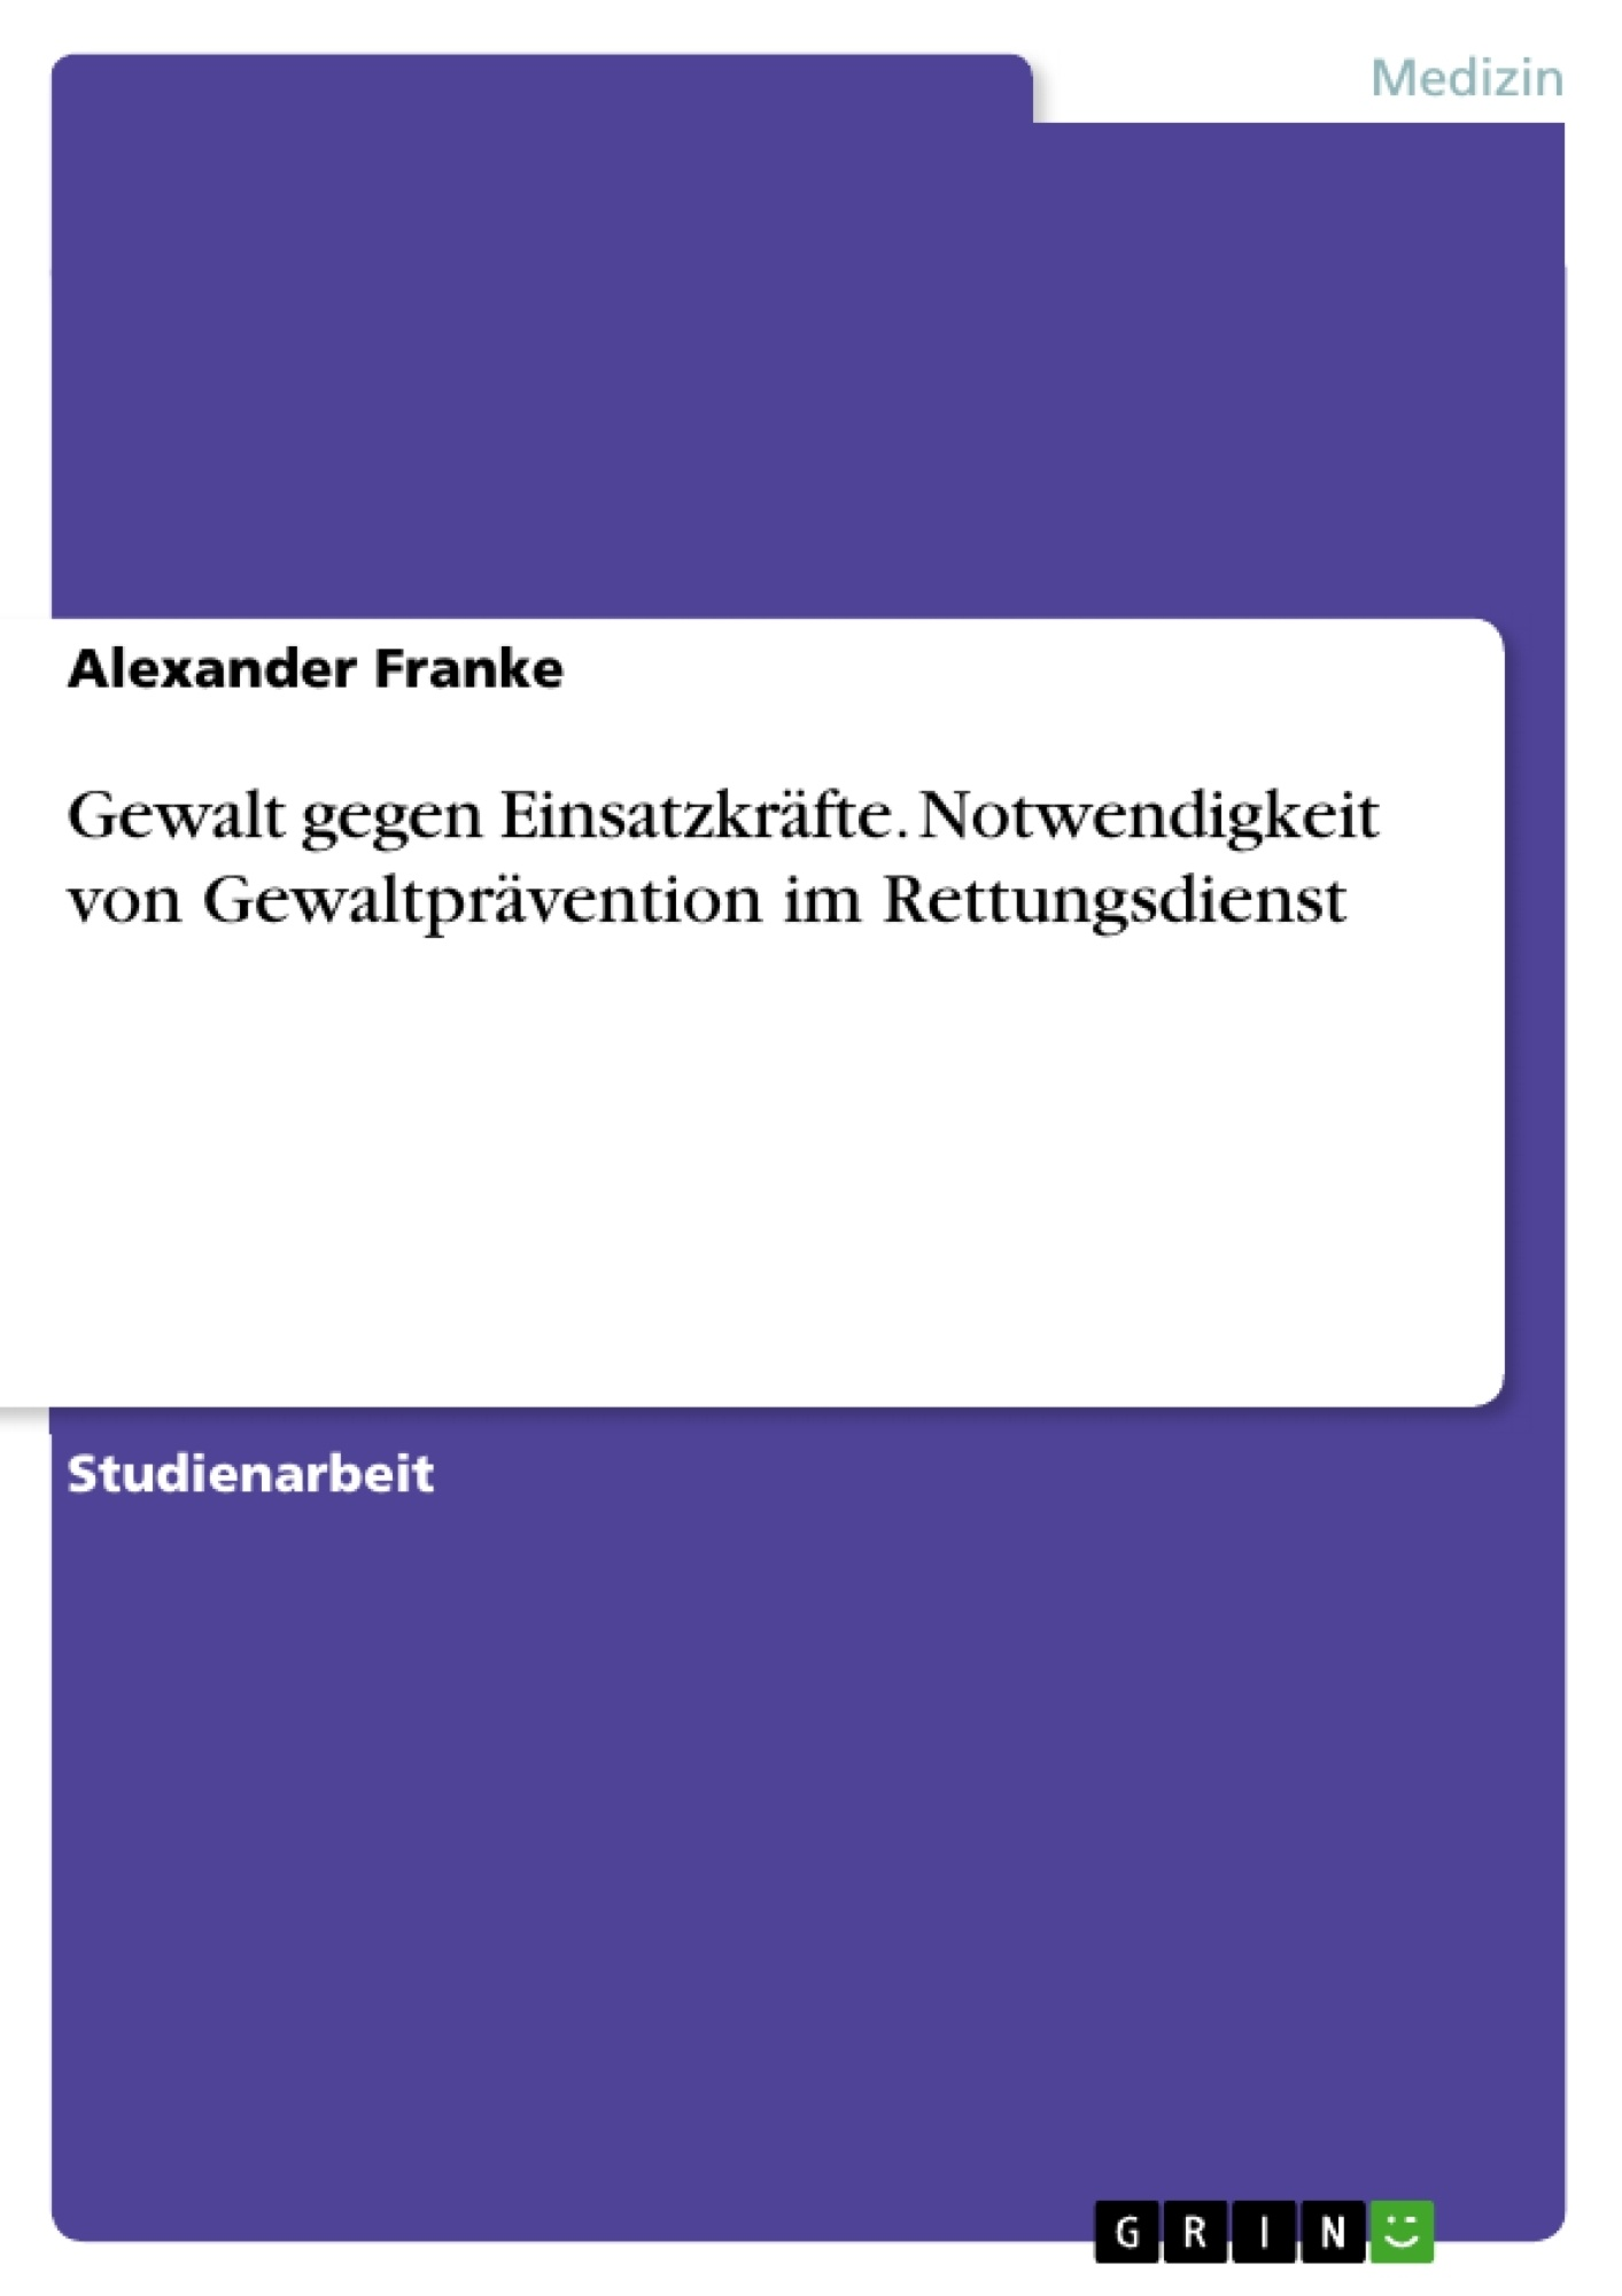 Titel: Gewalt gegen Einsatzkräfte. Notwendigkeit von Gewaltprävention im Rettungsdienst